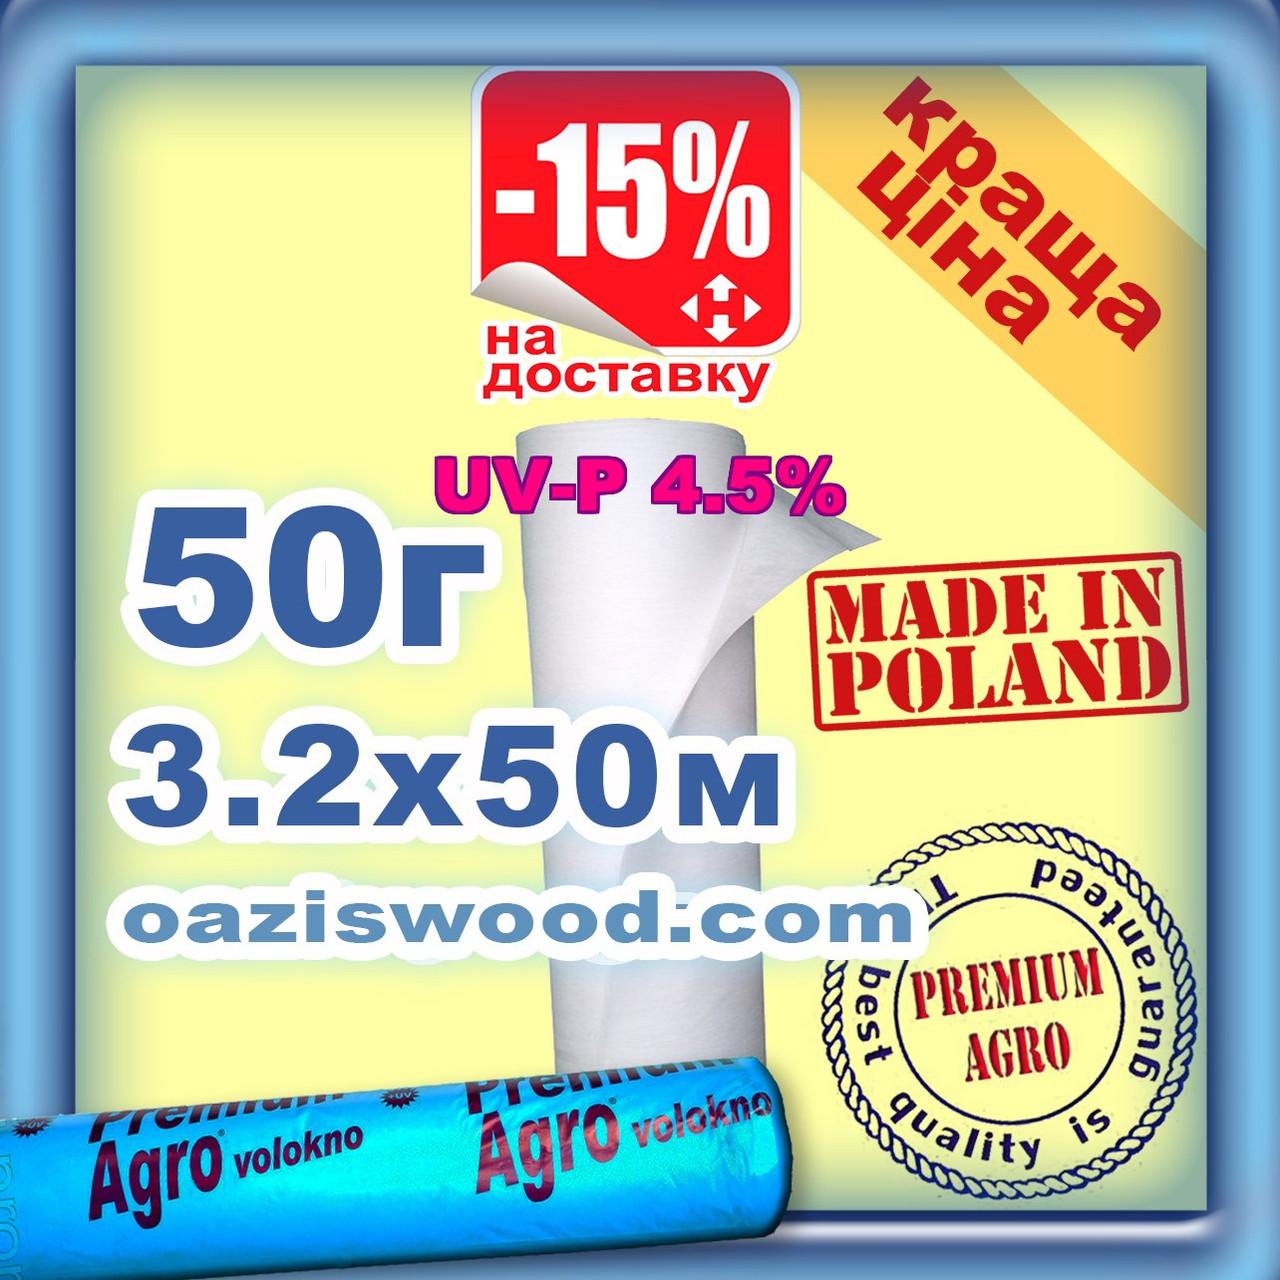 Агроволокно р-50g 3,2*50м белое UV-P 4.5% Premium-Agro Польша